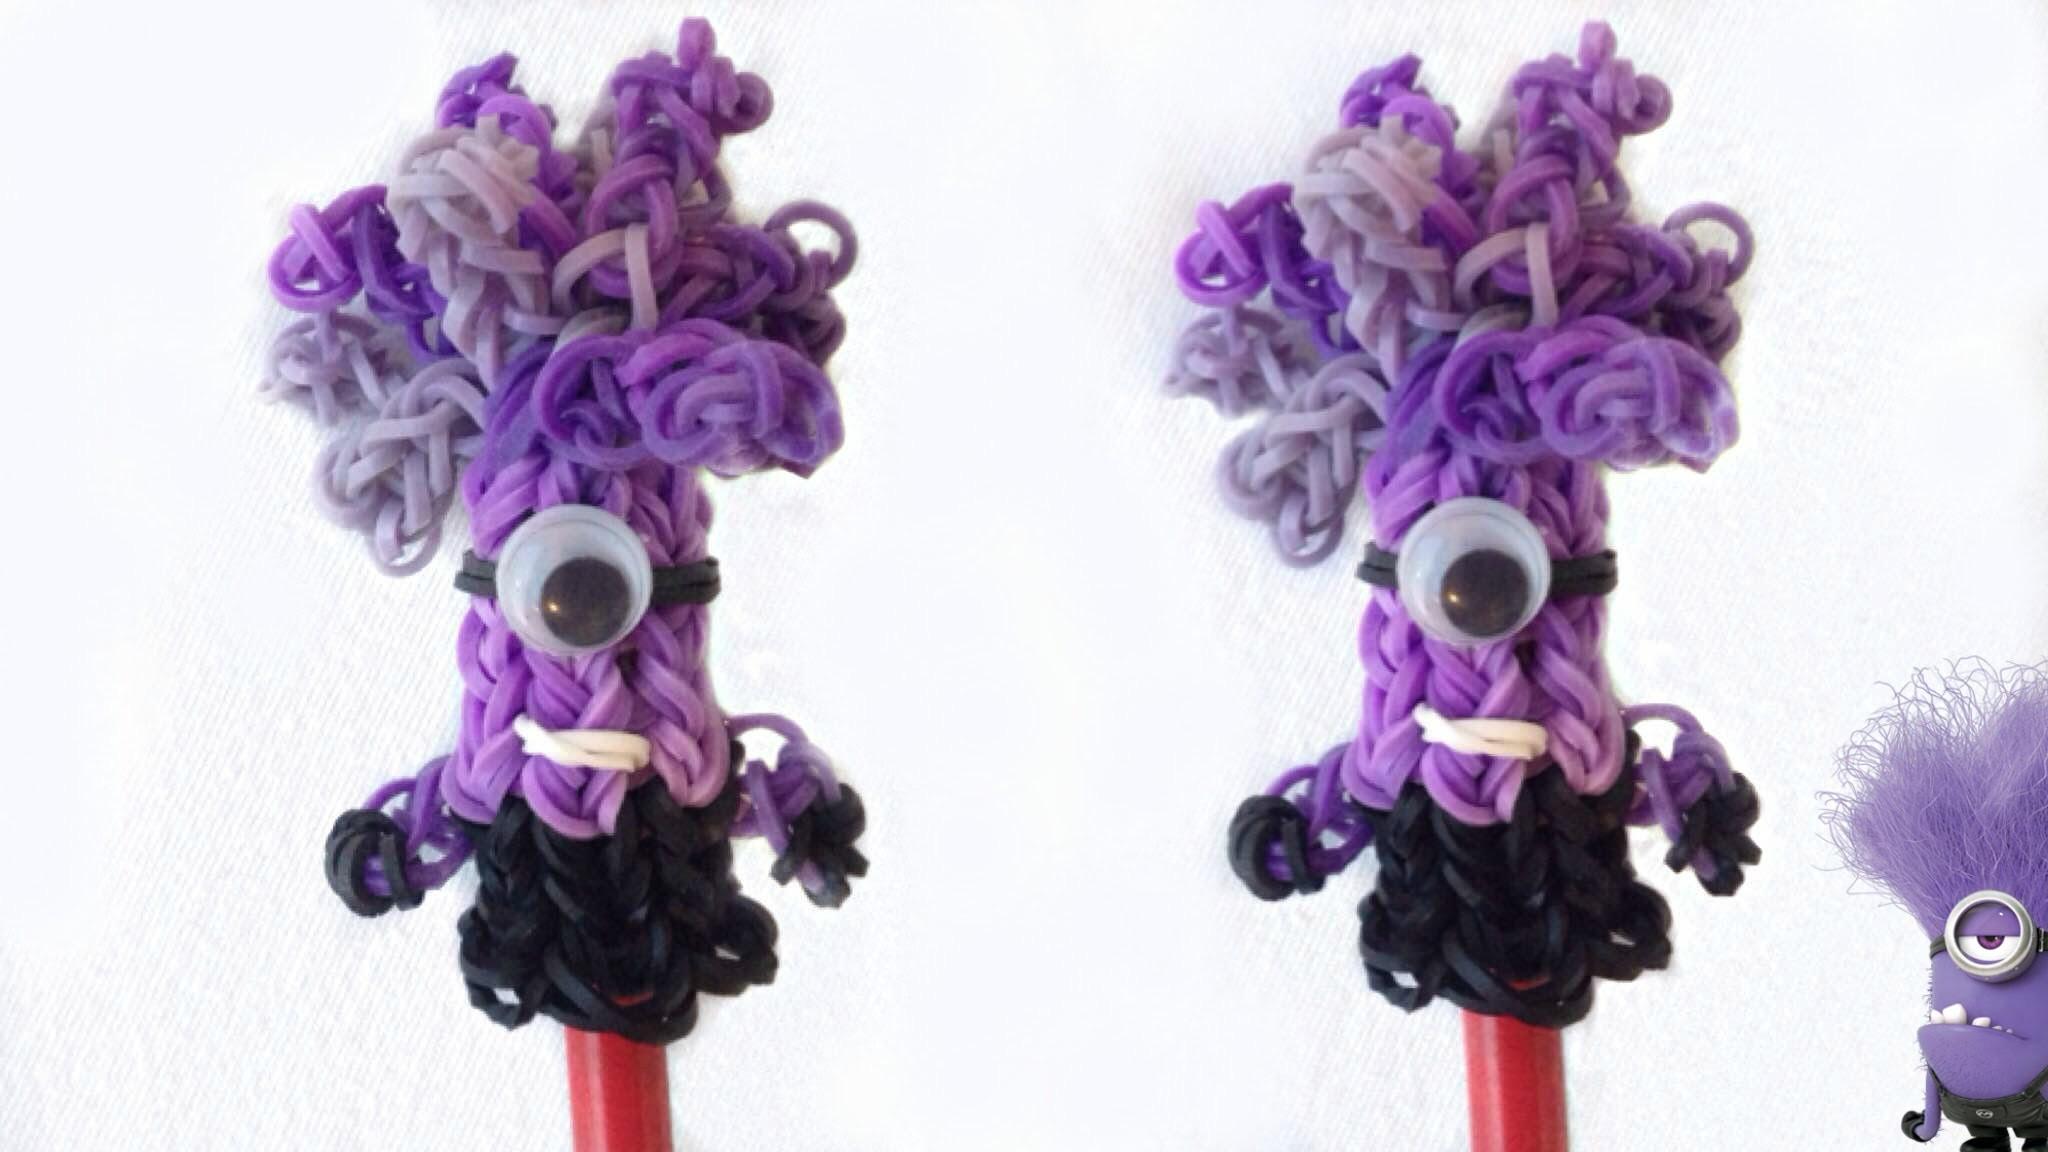 Minion Malvado de Elástico Topo de Lápis (sem tear) Minion Pencil Topper Loom Bands   Igor Saringer